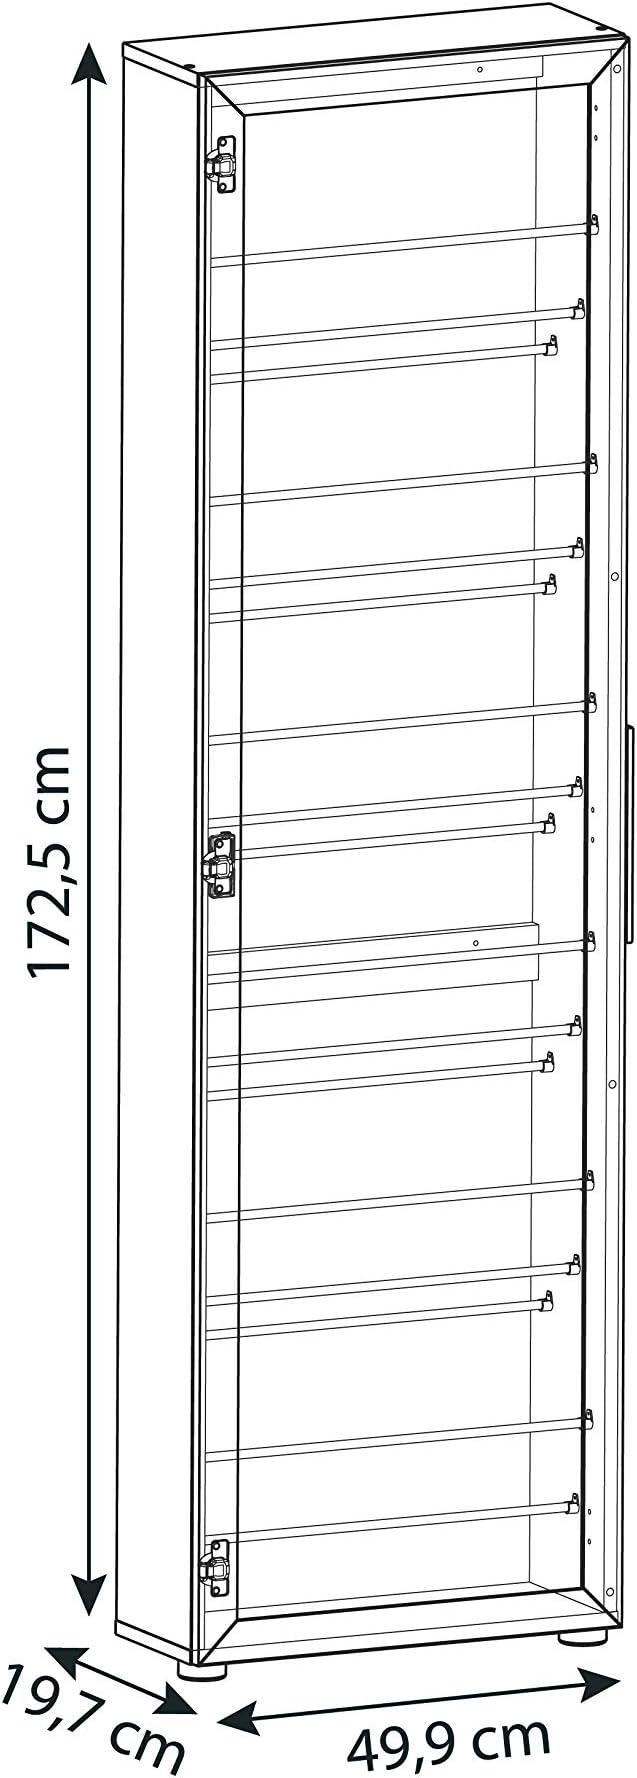 49.9x19.7x172.5 cm Rovere Nobilitato//Specchio 13Casa Cinderella S01 Scarpiera con Specchio